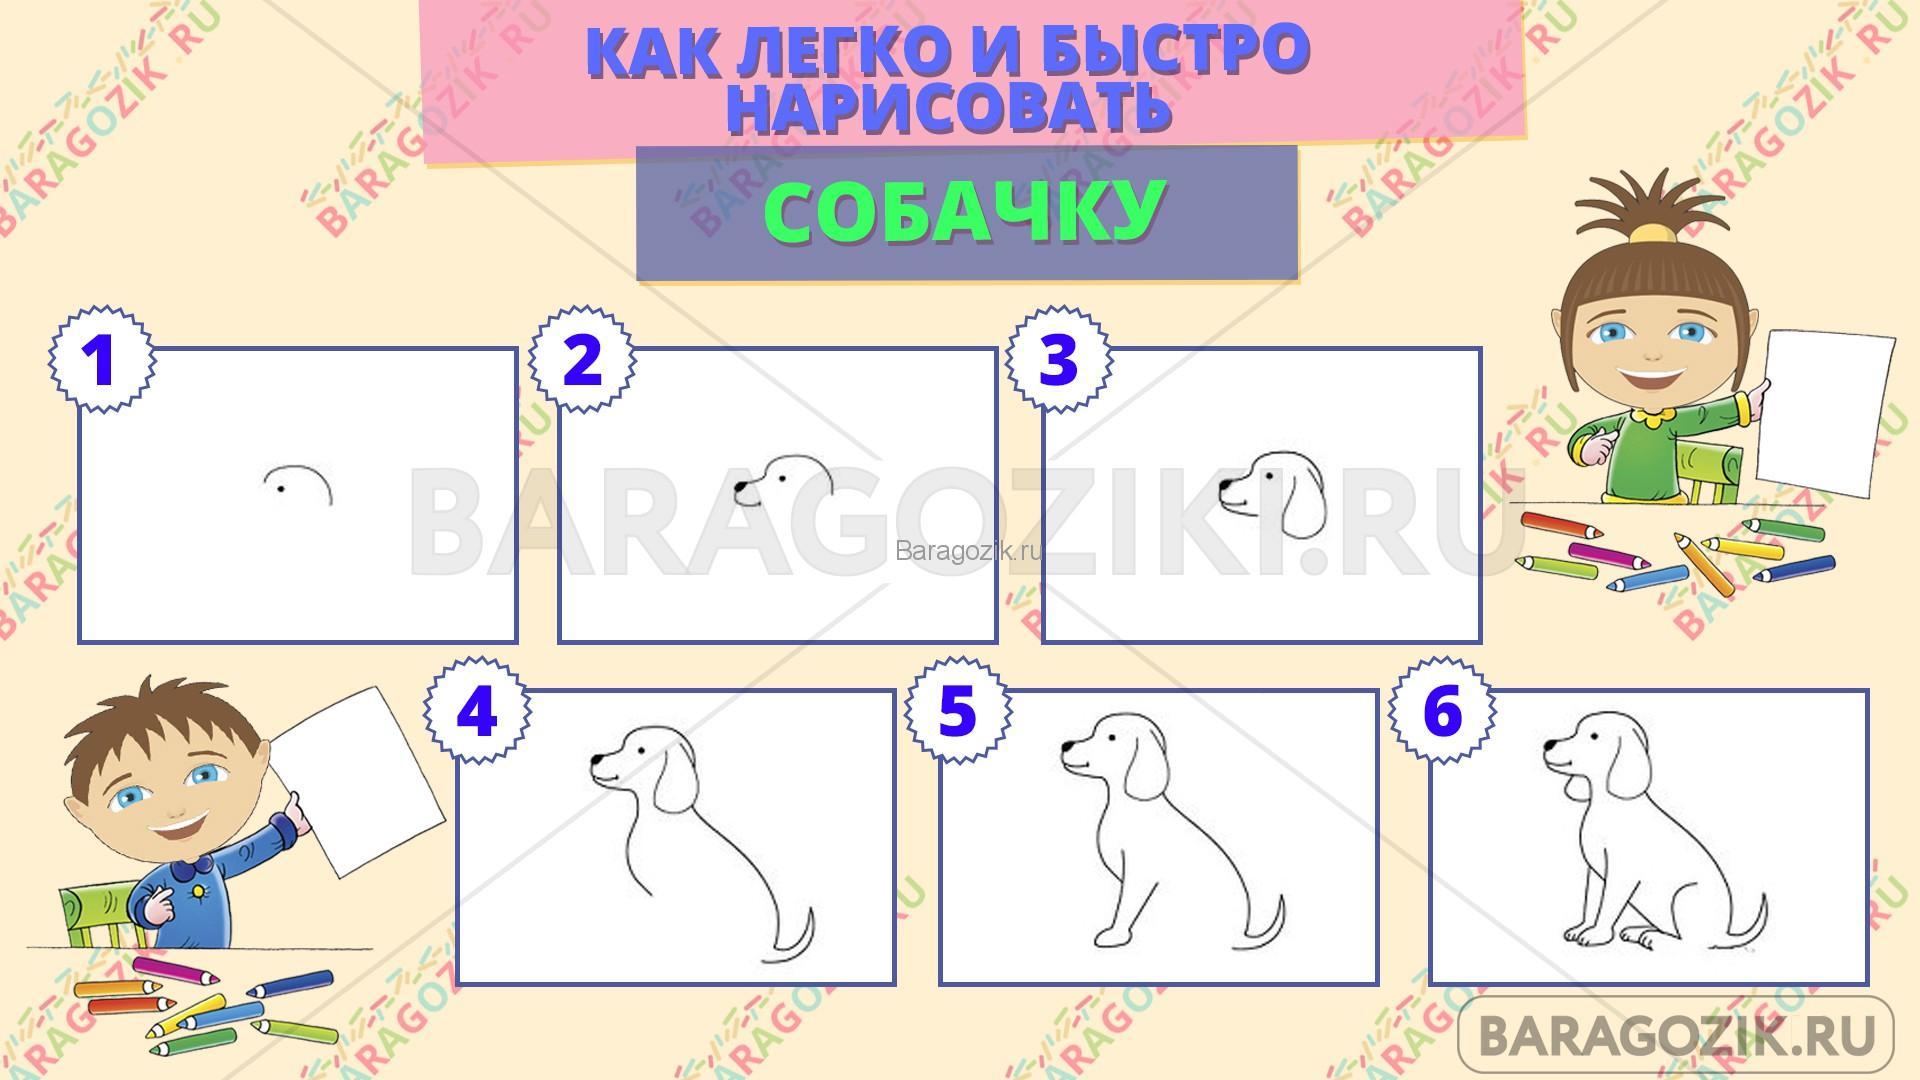 как легко нарисовать собачку - пошаговая схема